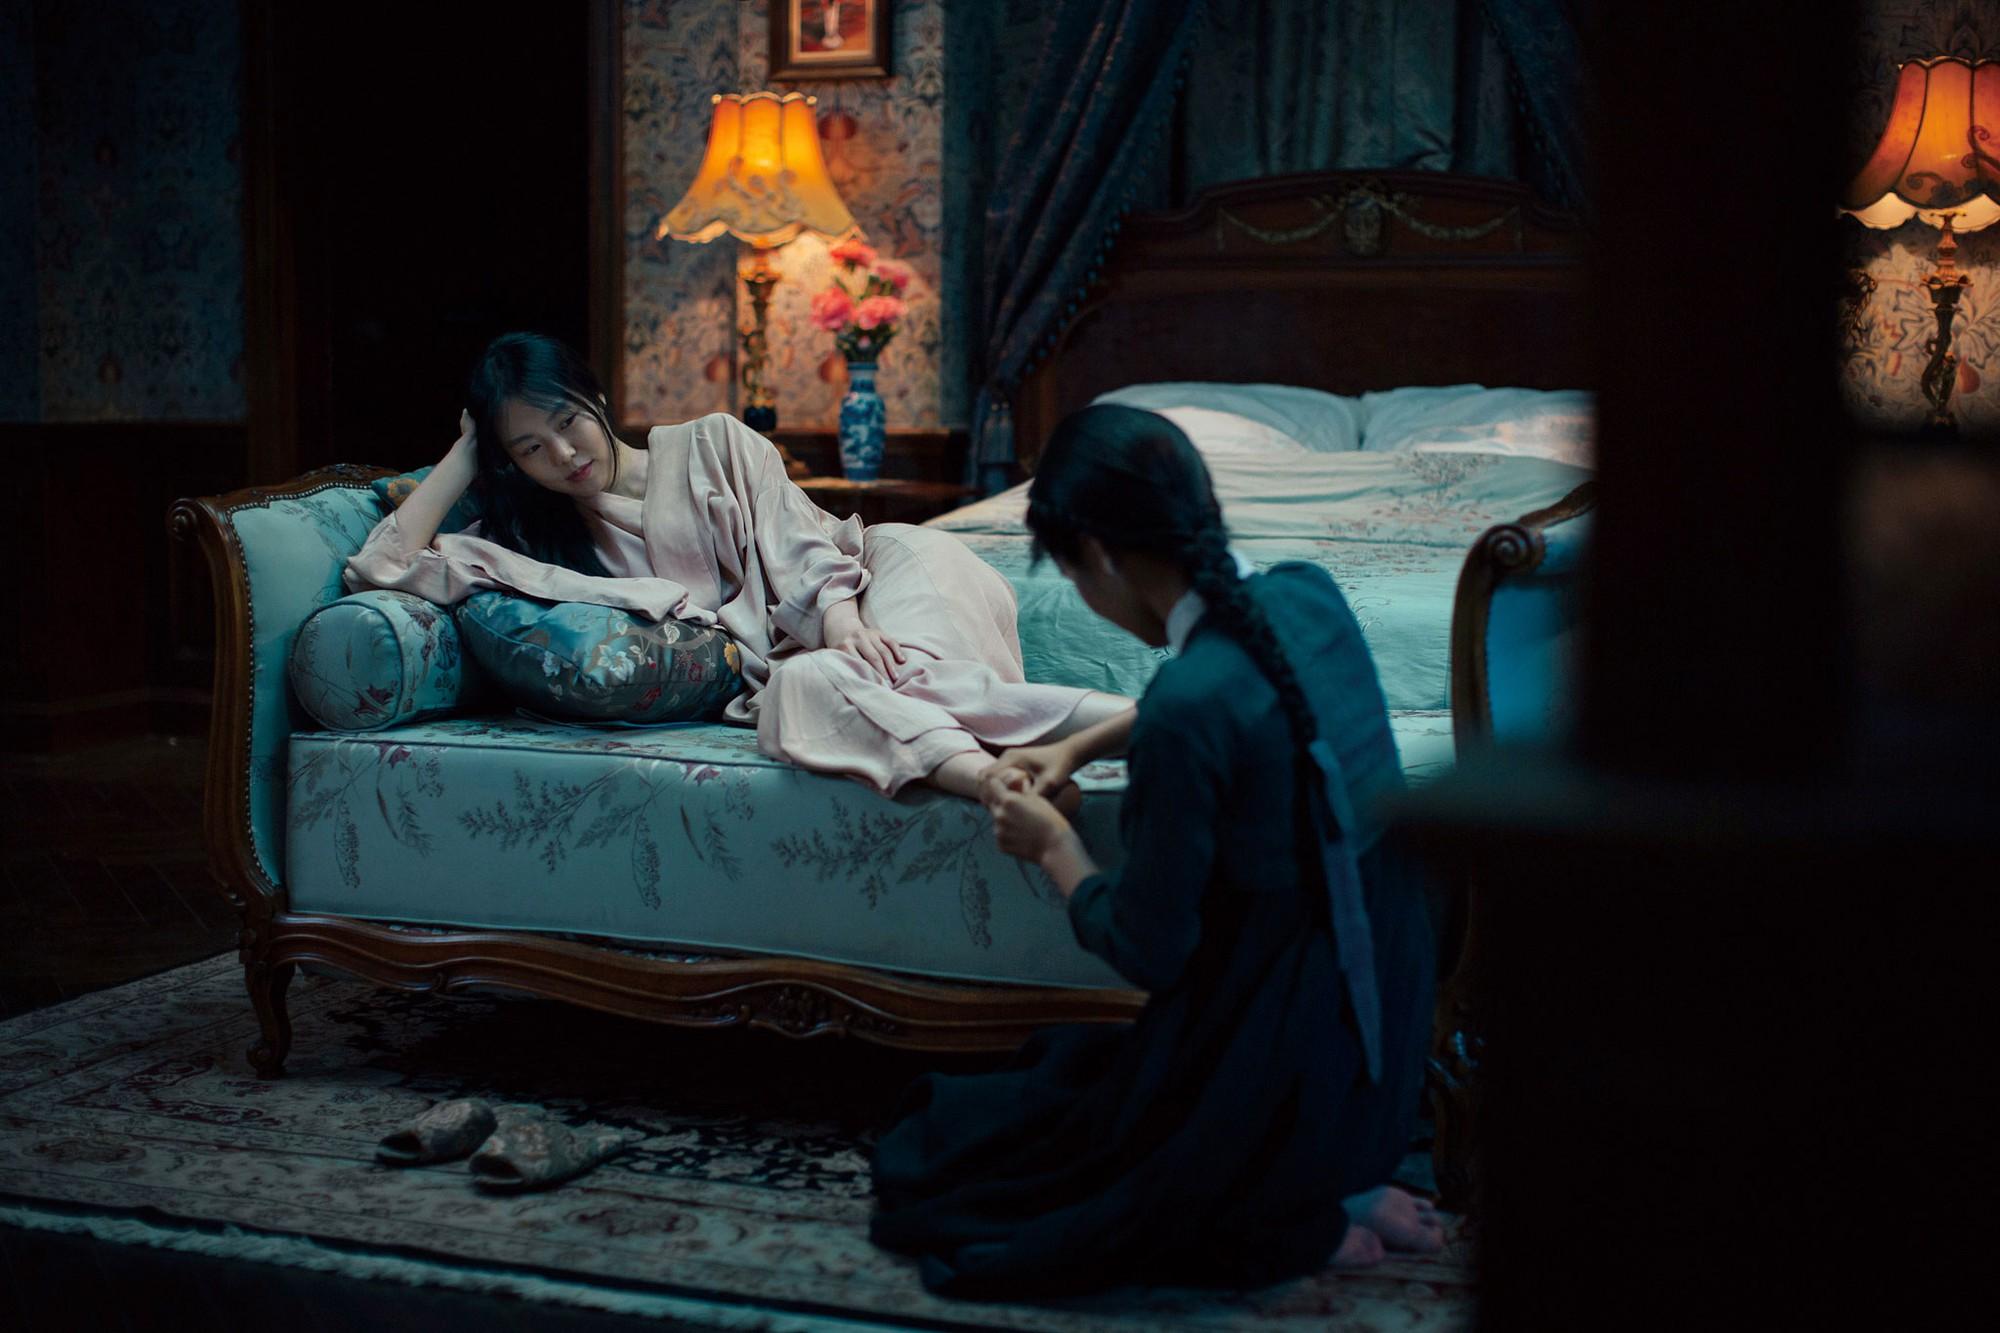 Từ hanbok tới thời trang hiện đại: Mãn nhãn với 8 phim Hàn có trang phục đẹp nhất màn ảnh - Ảnh 14.